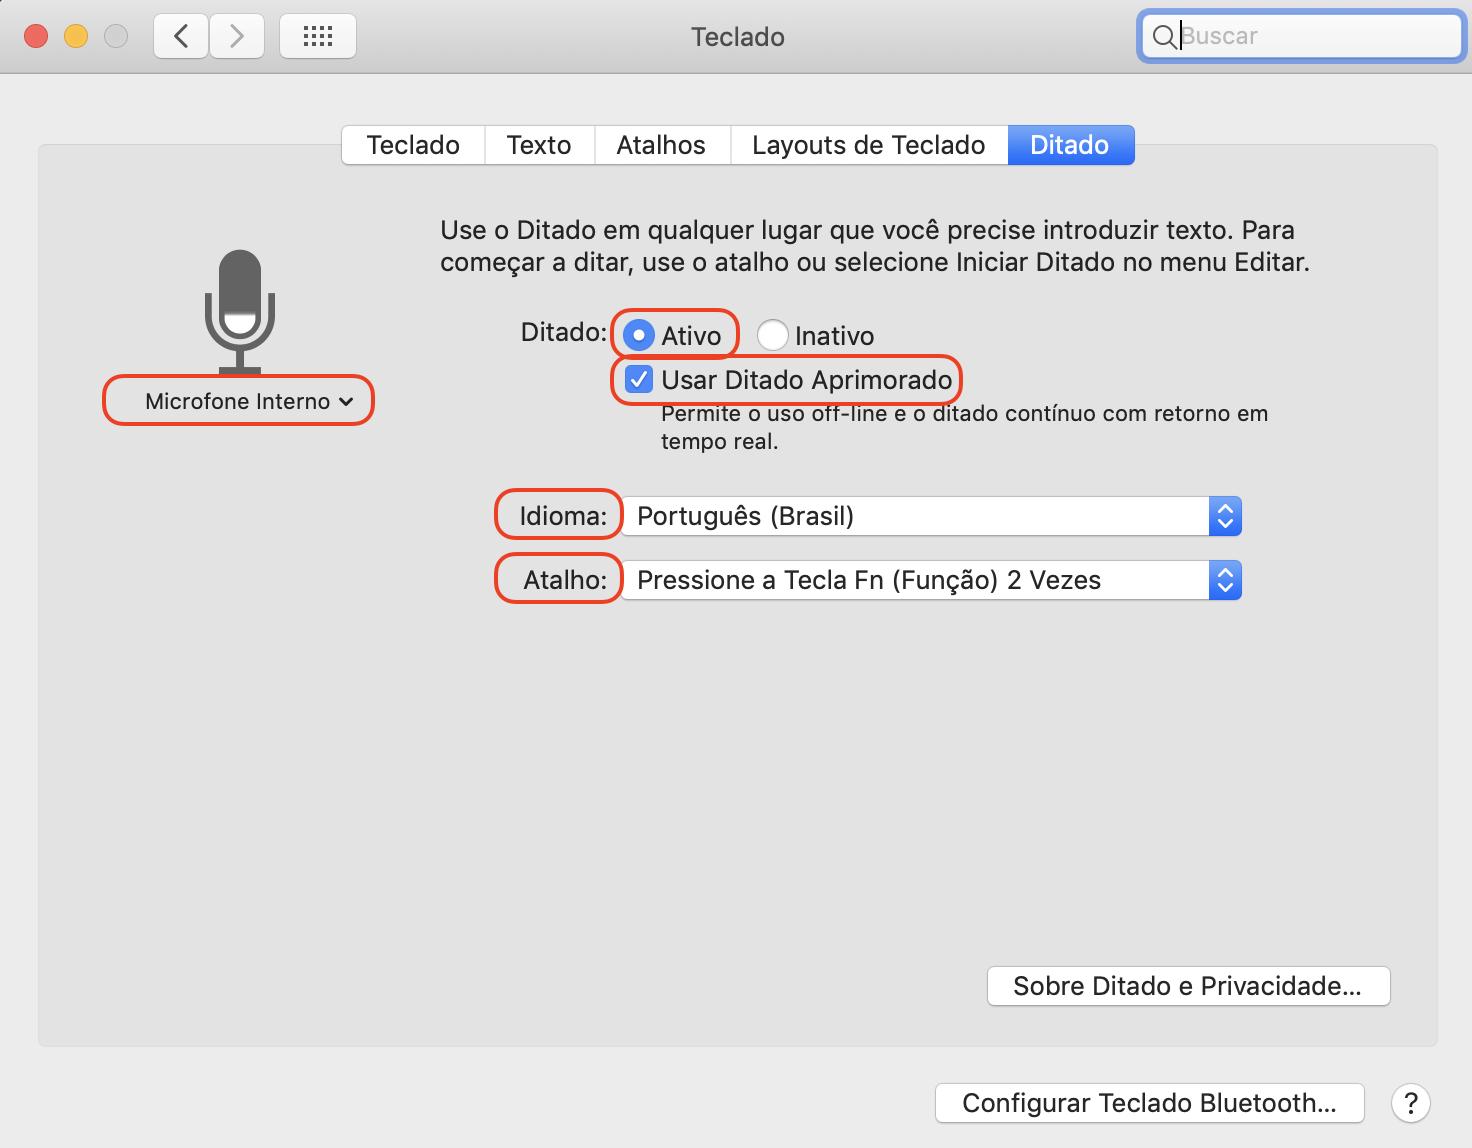 Caixa para ativar o Ditado, contendo opção de escolha do microfone, escolha do idioma e uso do ditado aprimorado